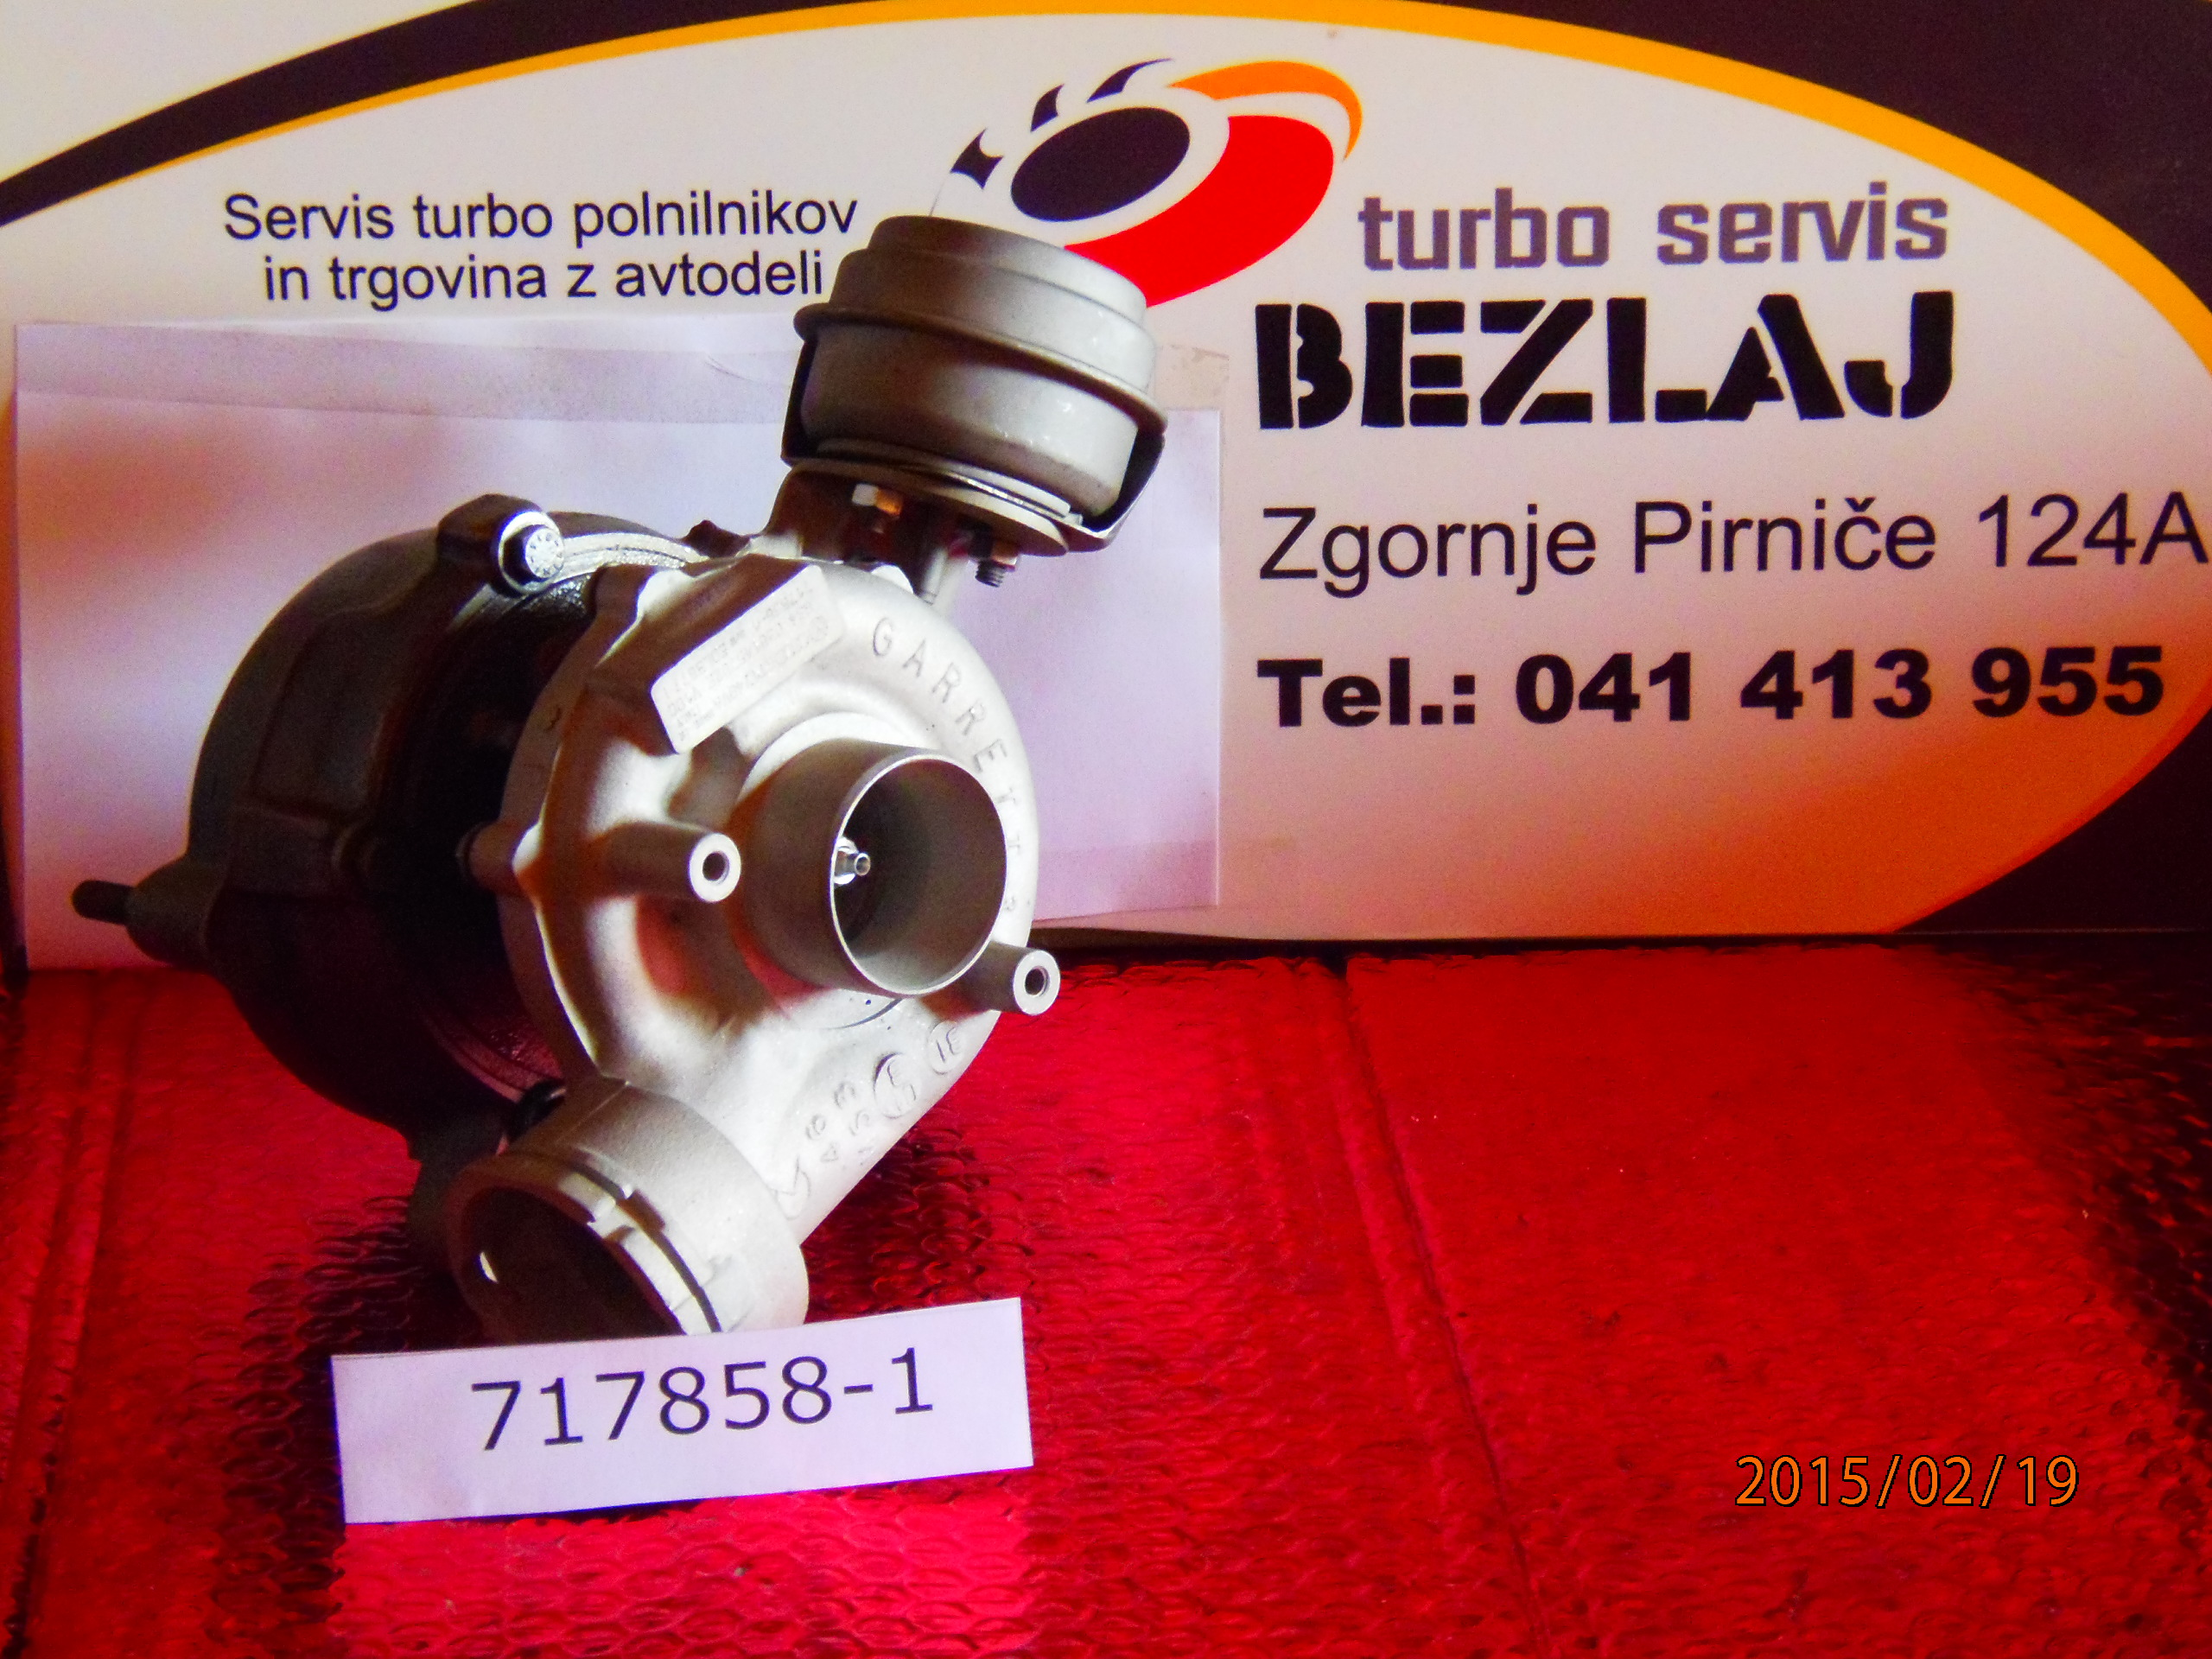 turbo717858-1 2